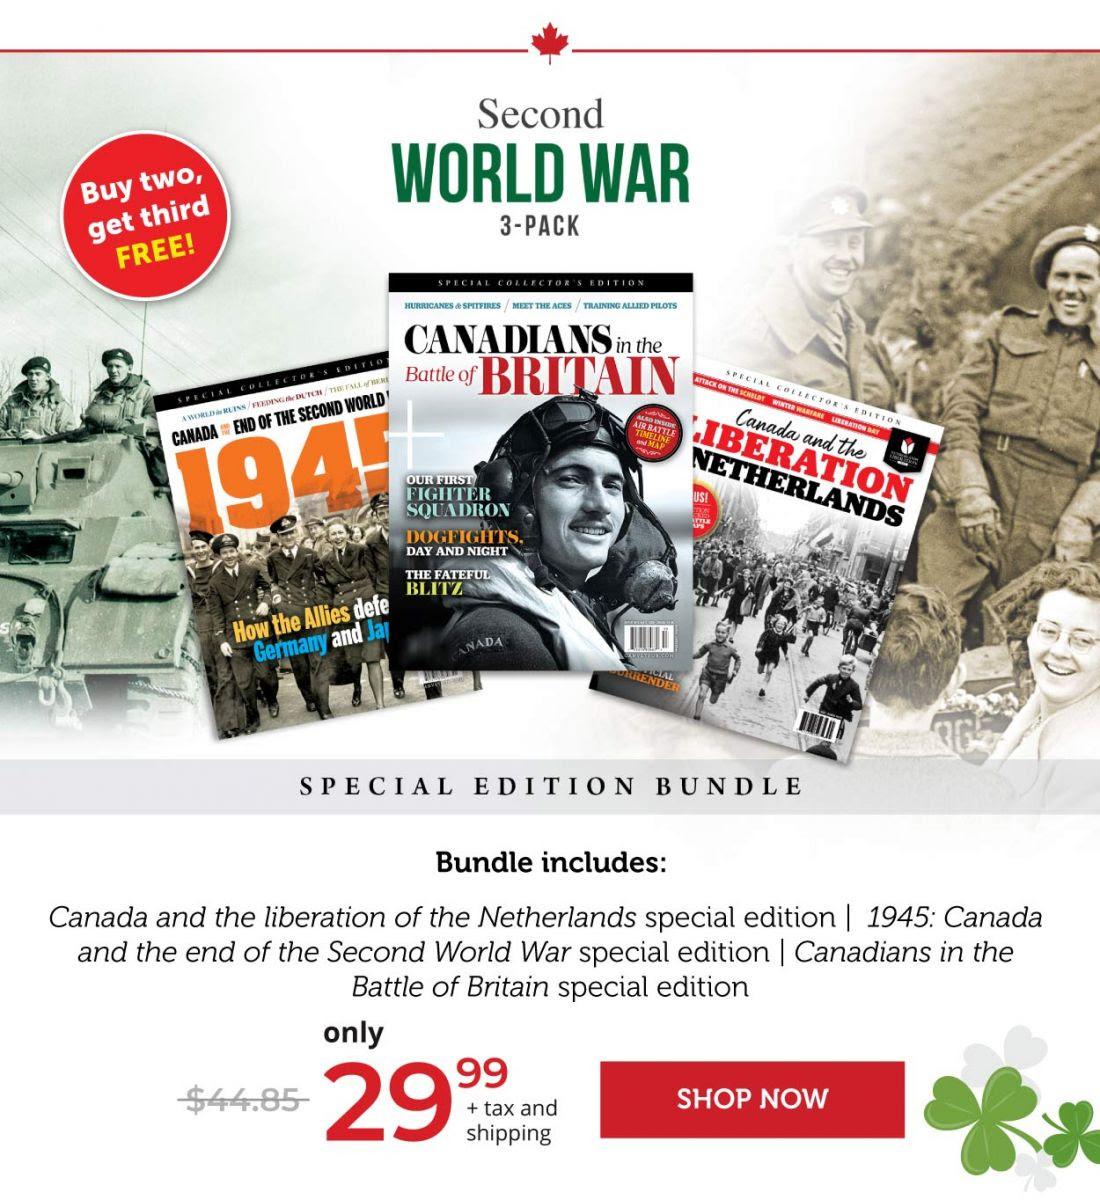 Second World War 3 Pack